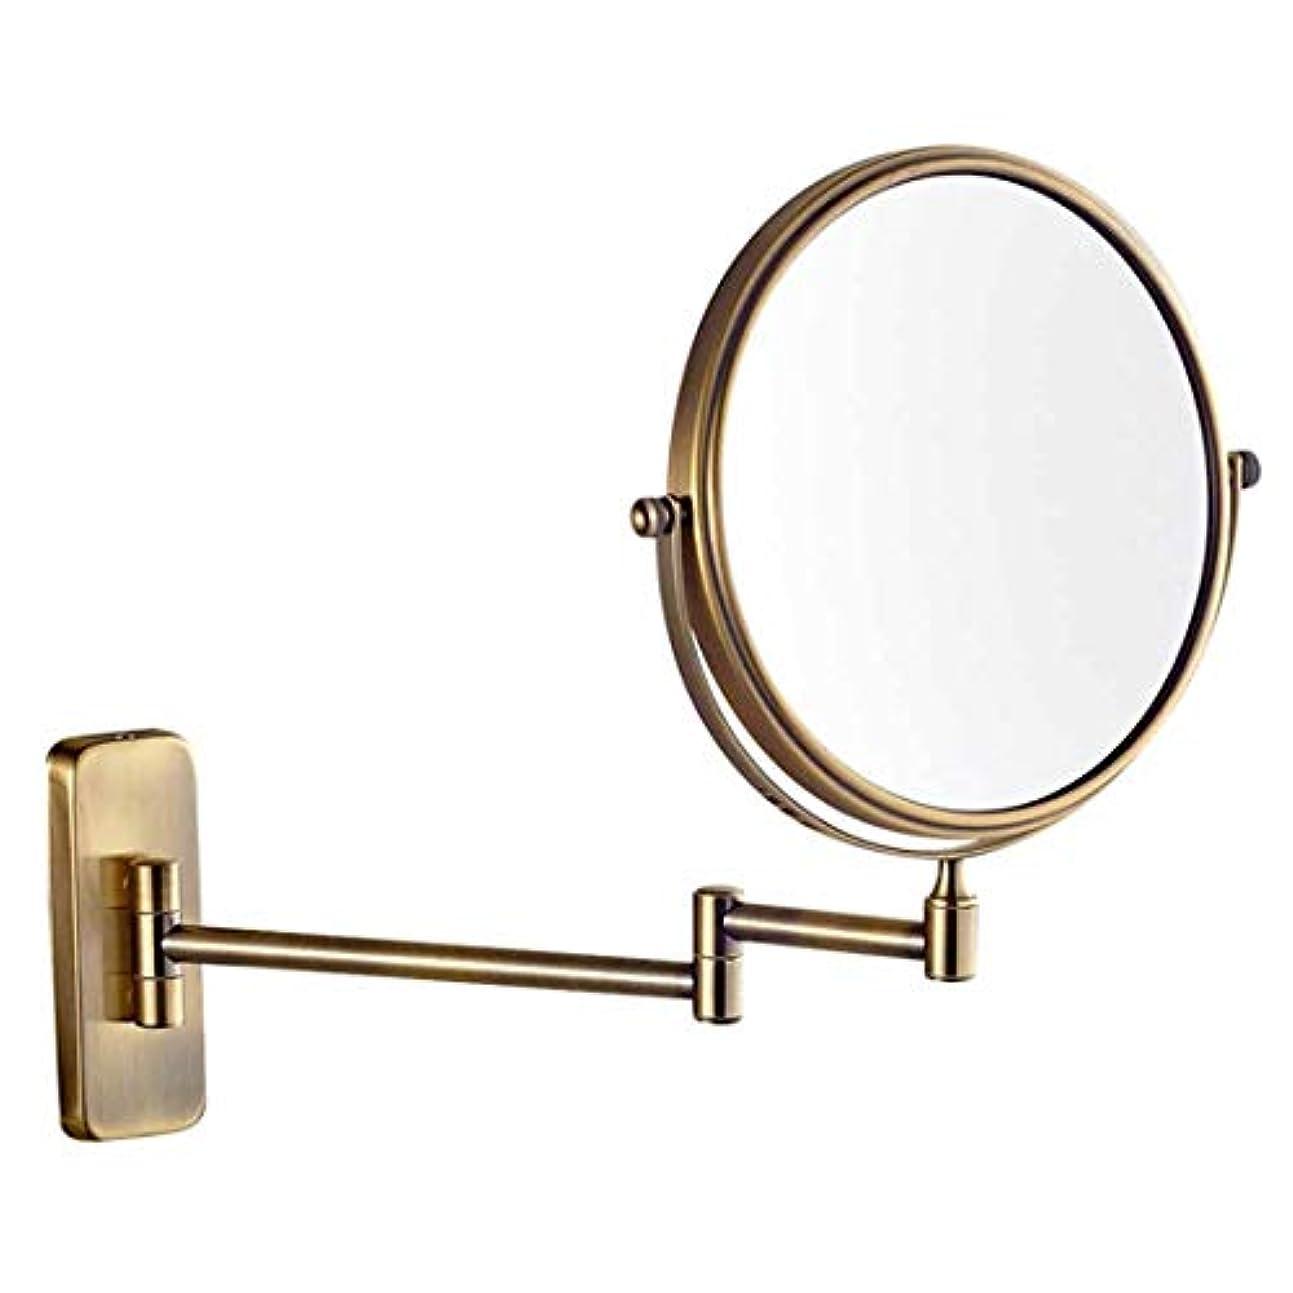 習慣全能小石3倍(5倍、7倍、10倍)拡大壁掛けバスルーム化粧鏡ミラー両面シェービング化粧鏡,5X,20cm